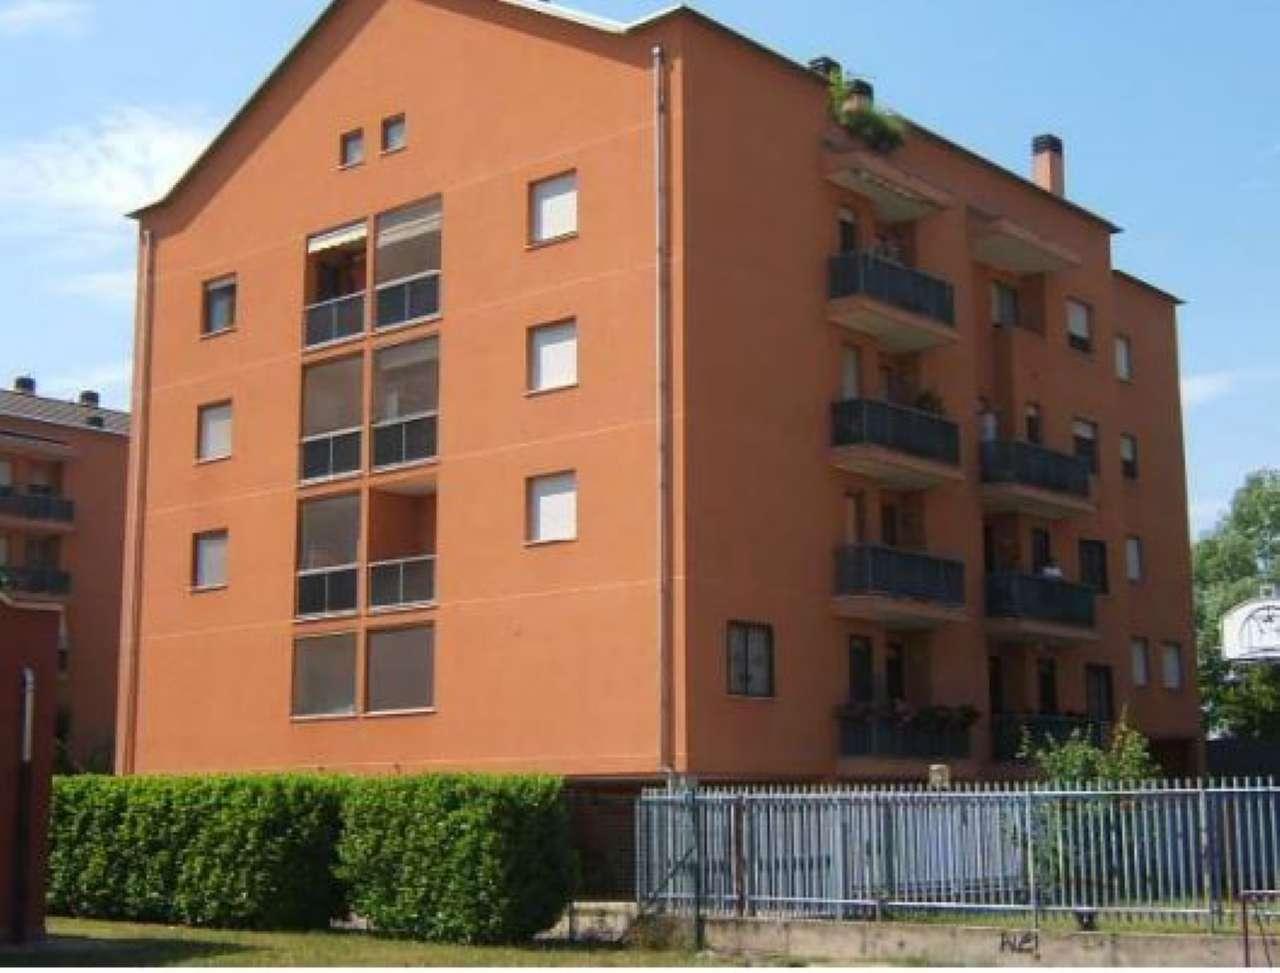 Appartamento in vendita a Lacchiarella, 3 locali, prezzo € 44.106   CambioCasa.it